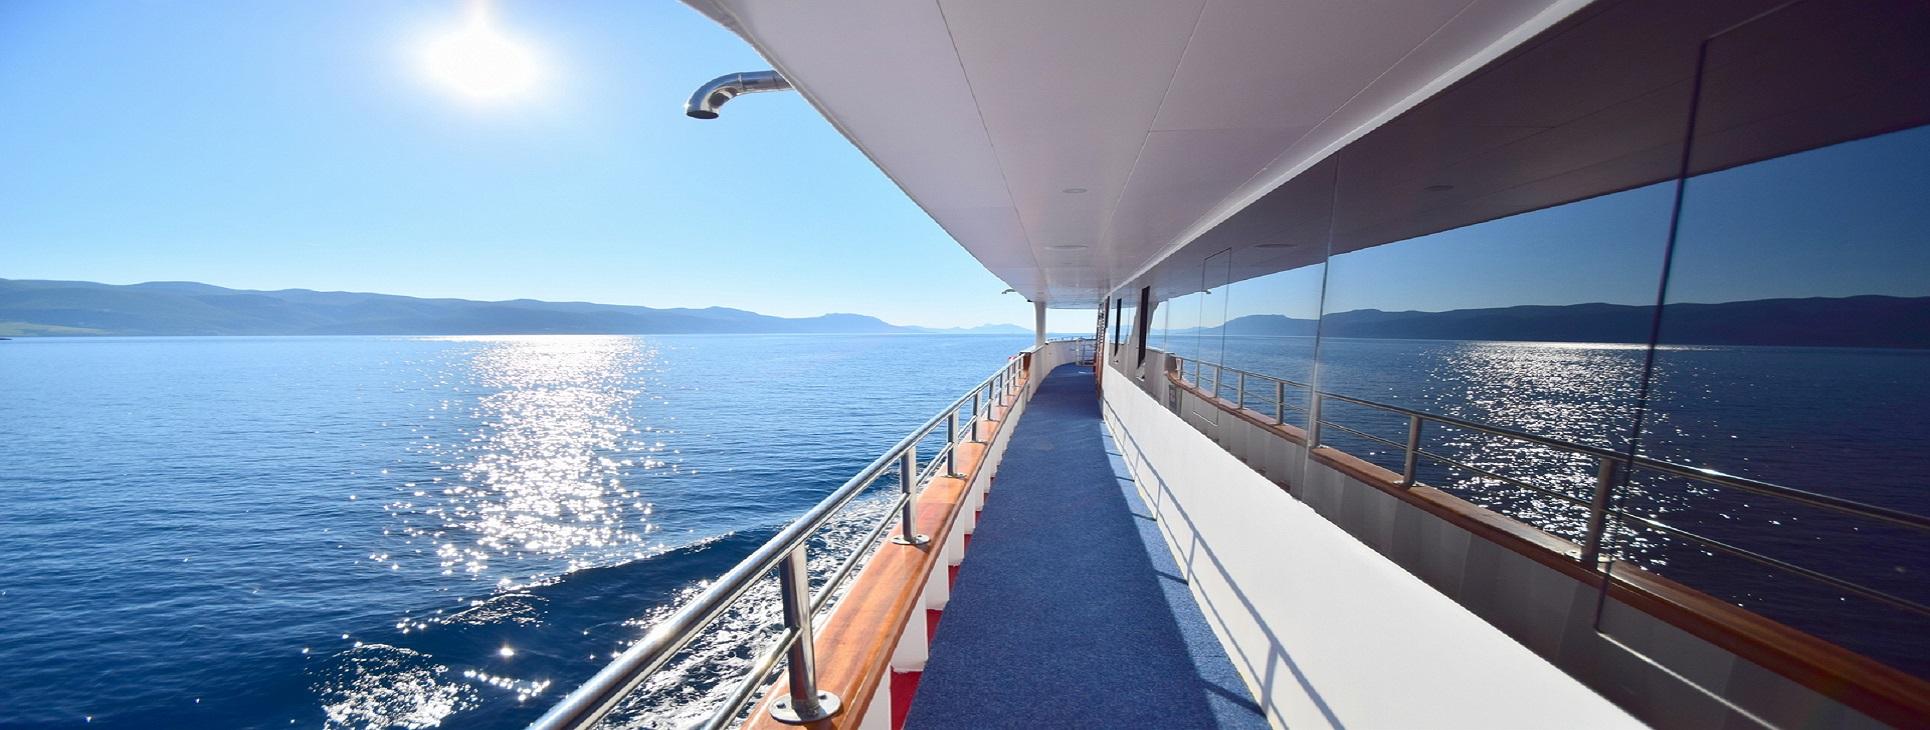 Boek uw cruise voor 2021 !